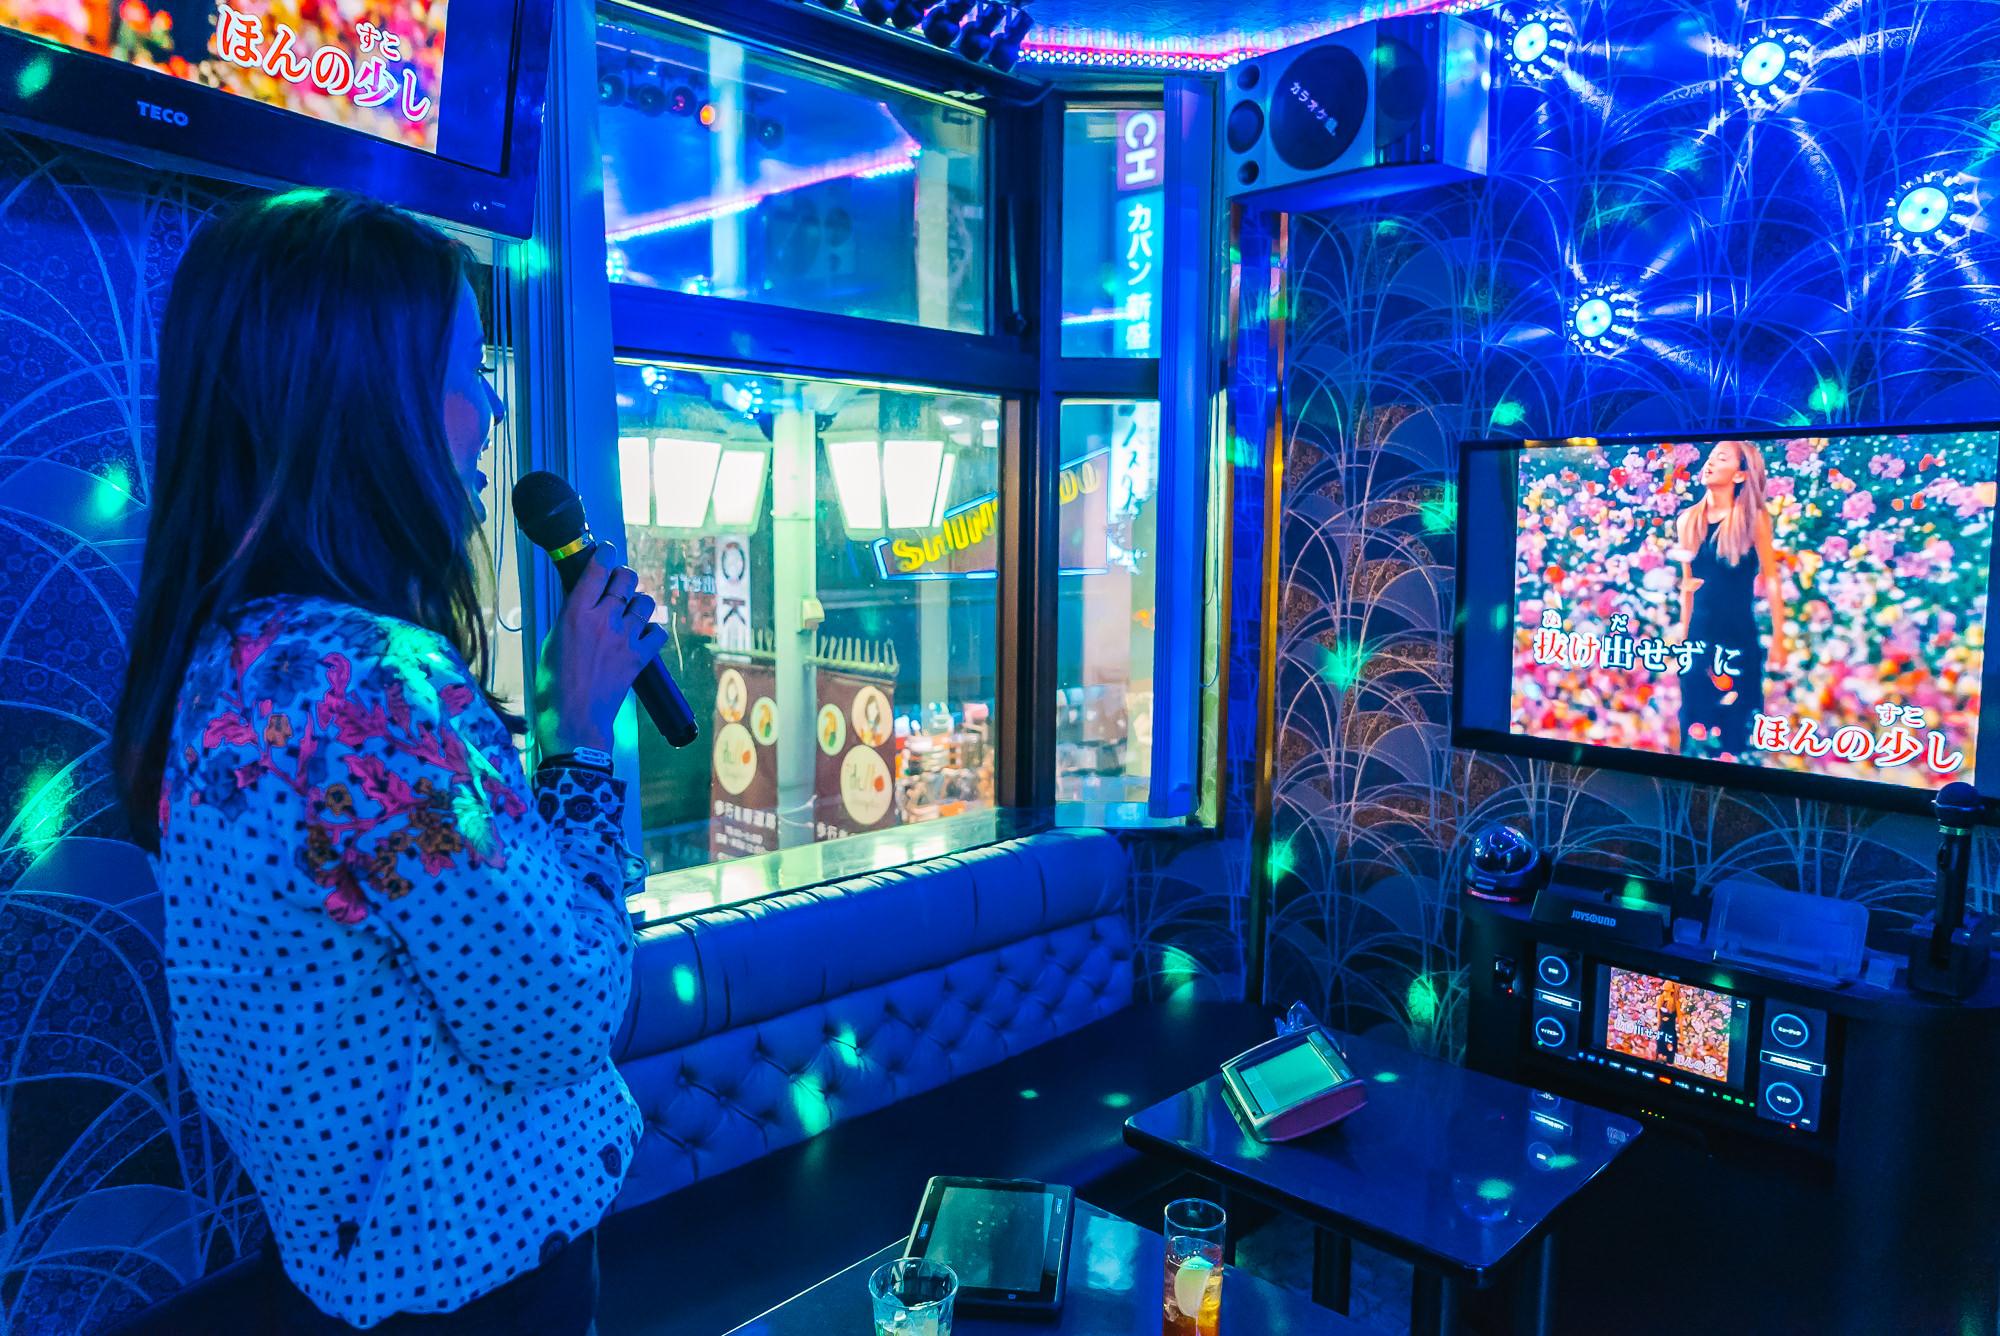 KARAOKE JAPAN + www.thetravelpockets.com